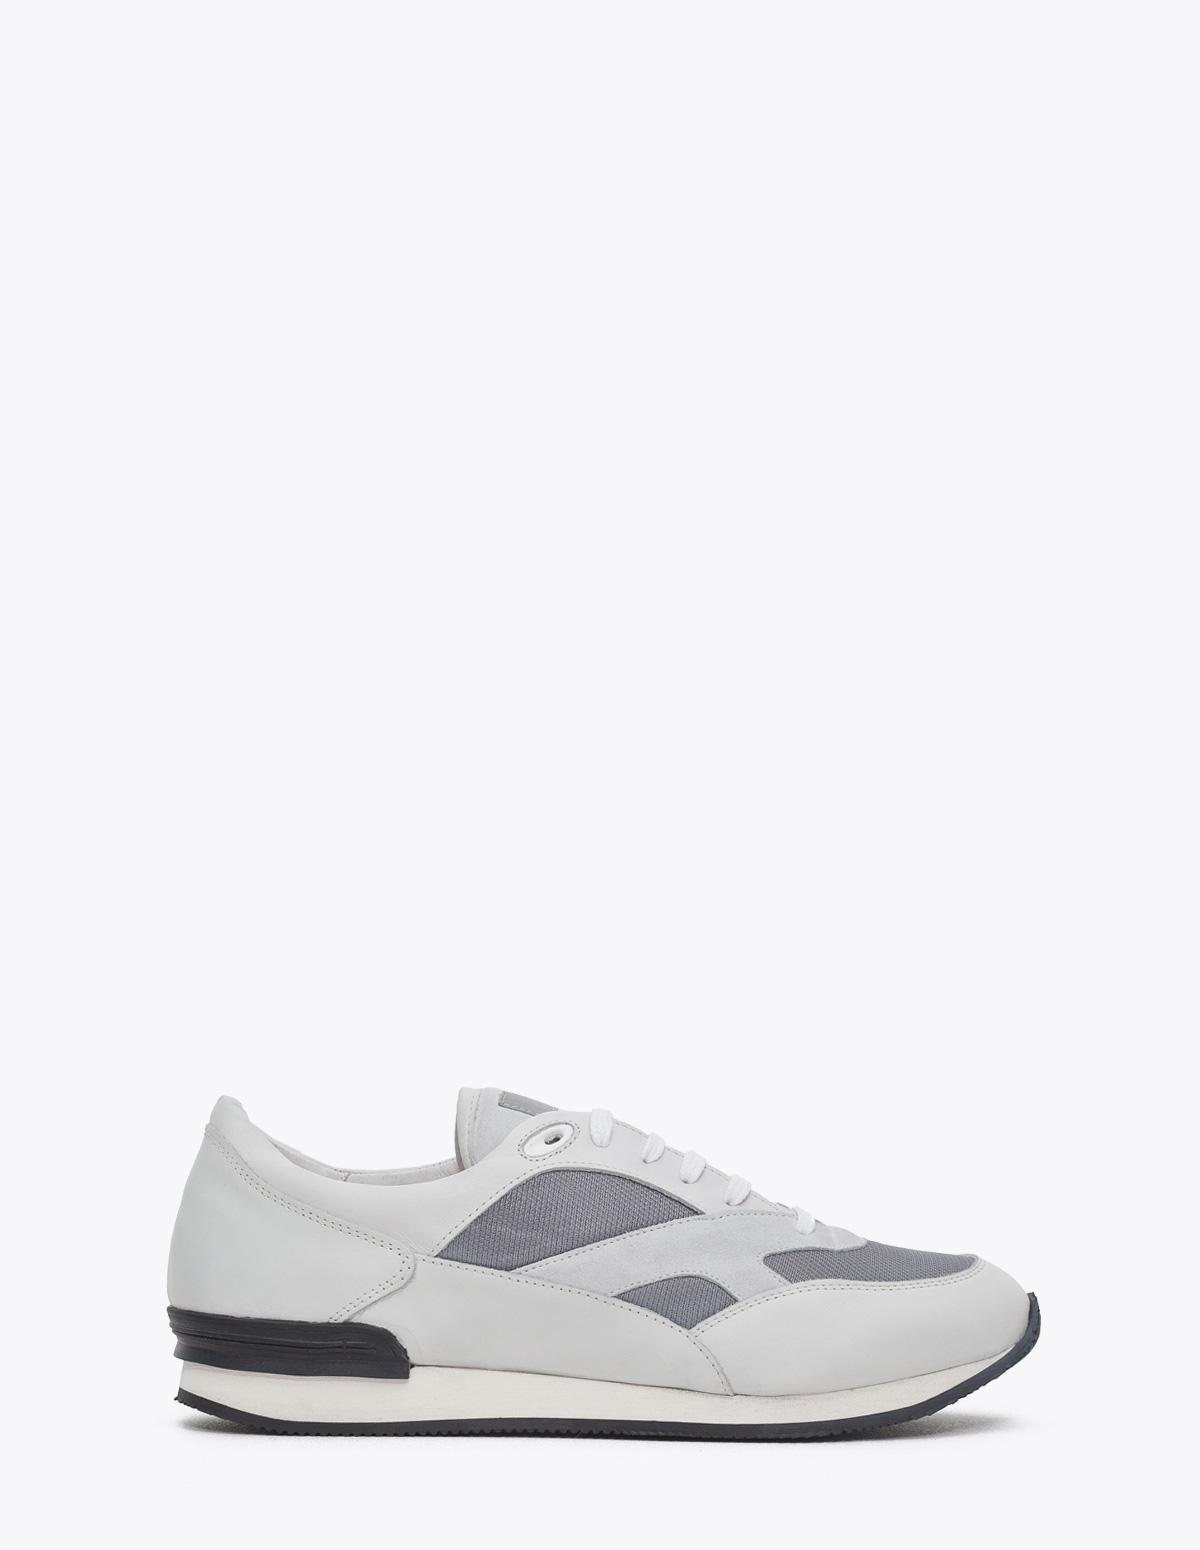 ol-sneaker-white0001